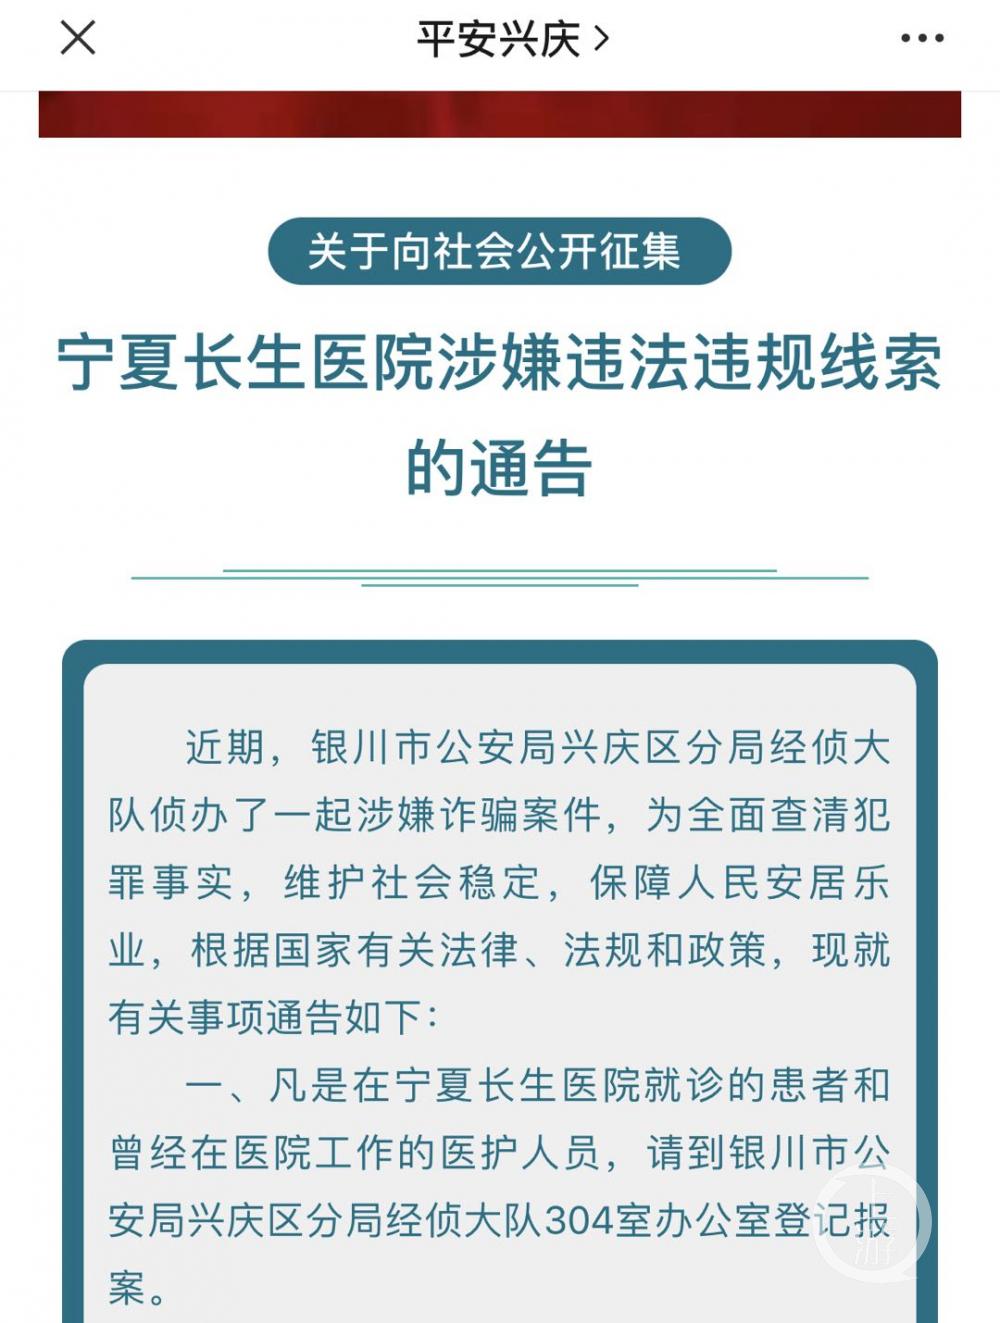 警方公开征集涉诈骗案线索,宁夏一民营医院或涉其中